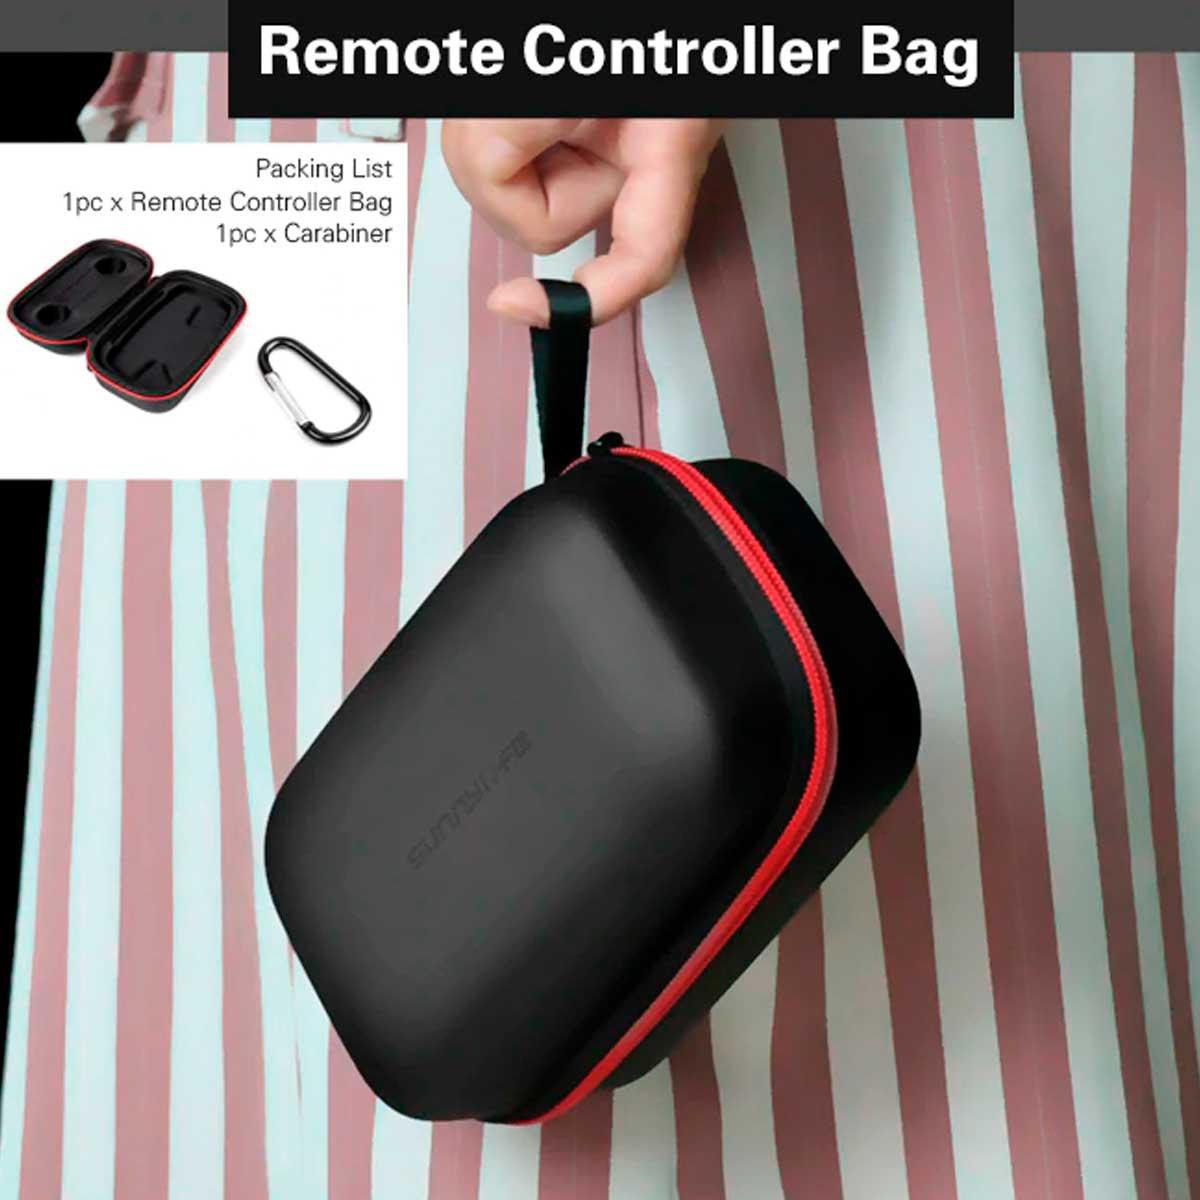 Maleta de Transporte e Proteção - Drone e Controle - DJI Mavic 2